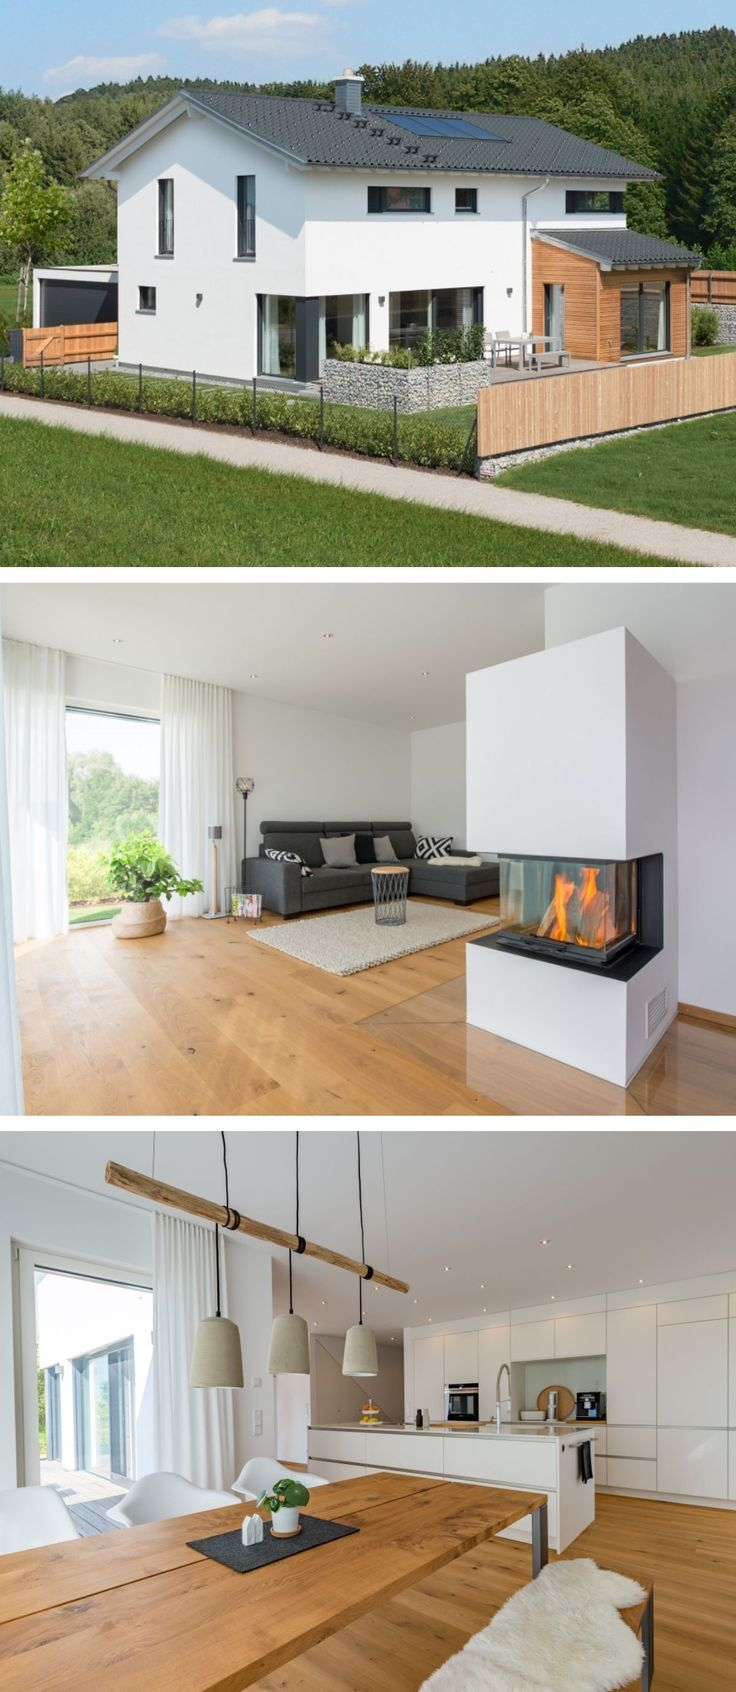 Einfamilienhaus modern im Landhausstil mit Holzfas…